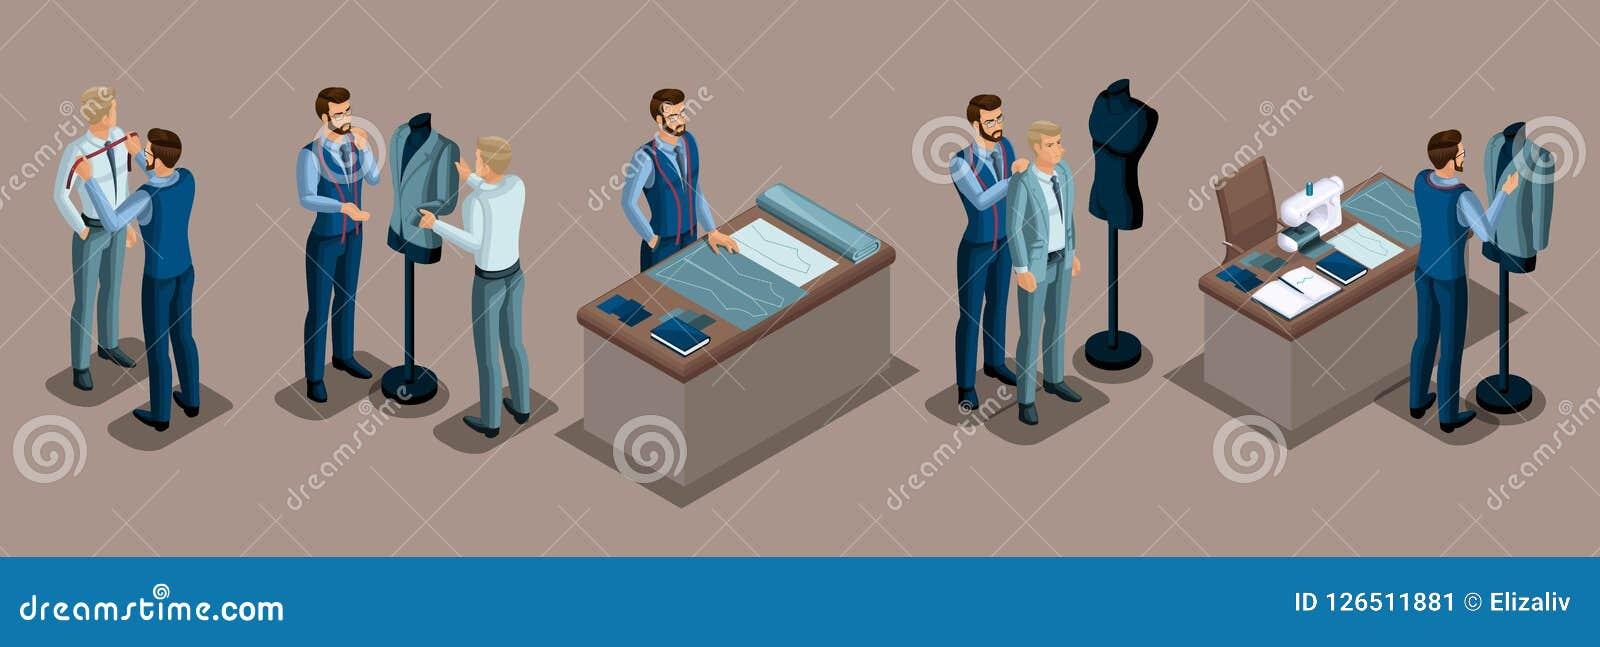 Alfaiate isométrico, trabalho com um cliente em uma oficina da costura, corte, dimensões, preparando a roupa, encaixe, máquina de